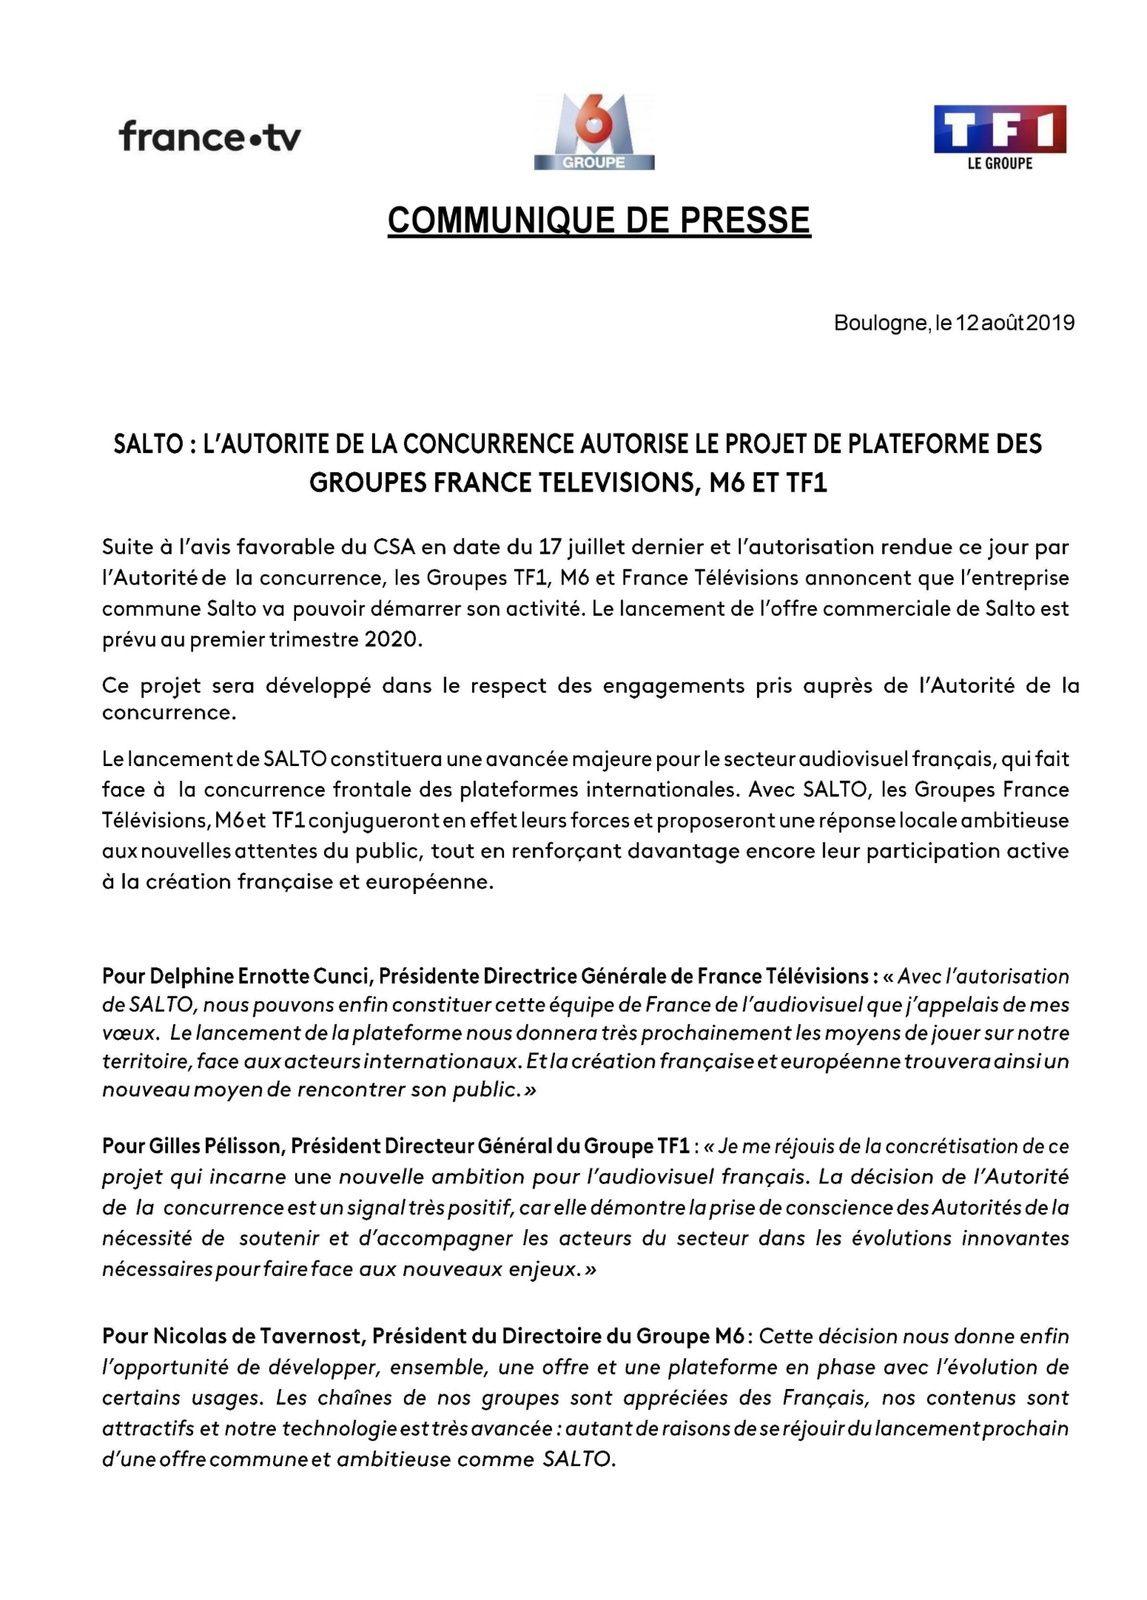 L'Autorité de la concurrence autorise sous conditions la création de la plateforme Salto par TF1, France Télévisions et M6.